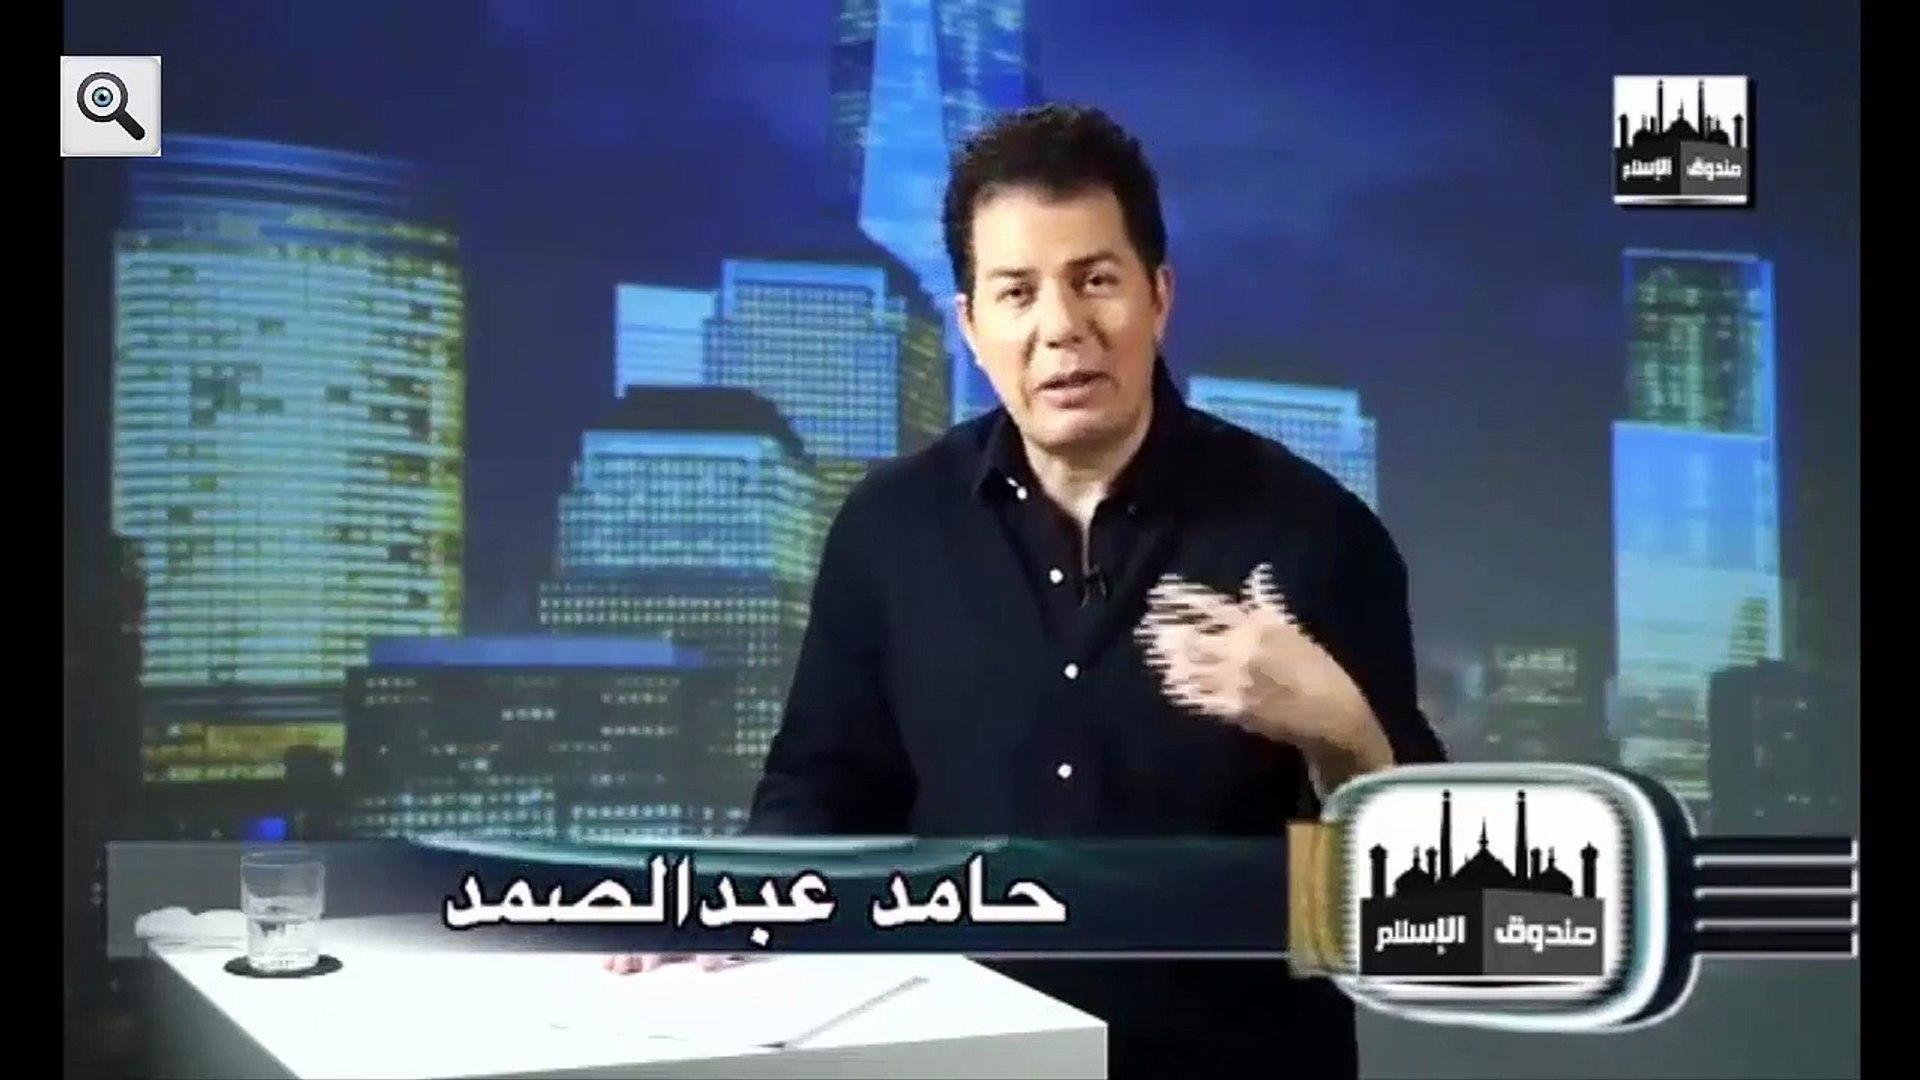 1 صندوق الأسلام - الاسلام والمافيا الجزء الاول ( الكاتب حامد عبد الصمد )